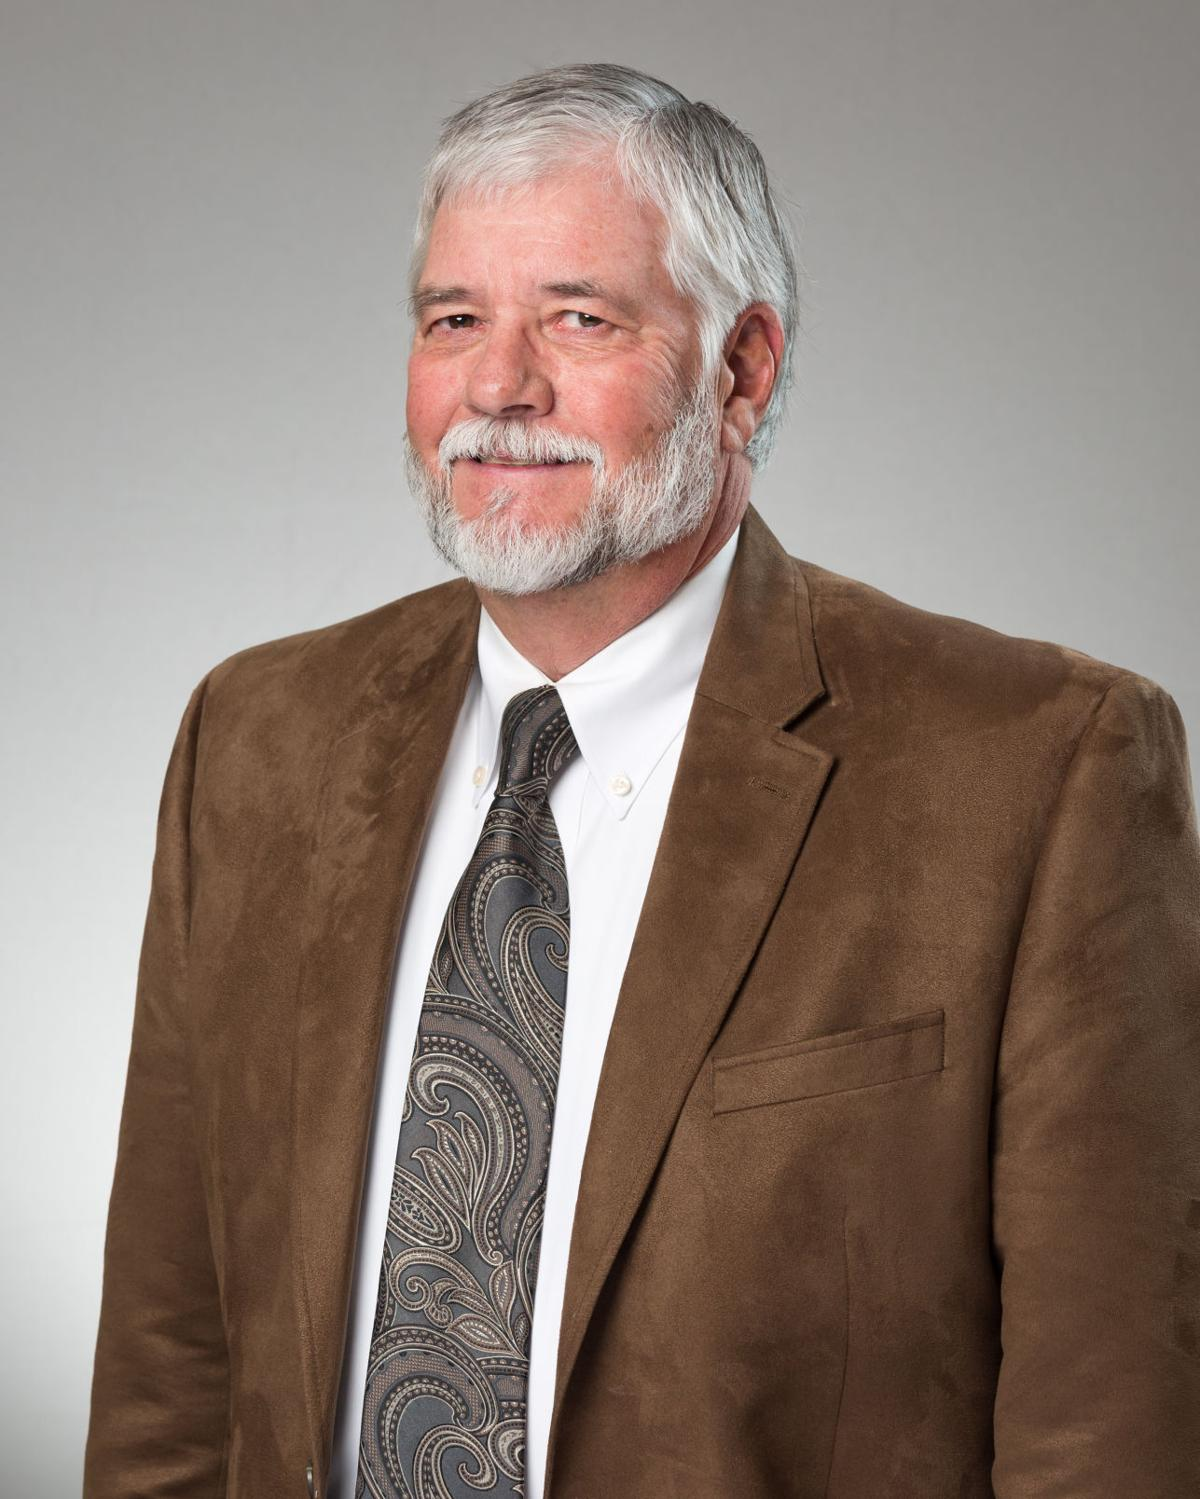 Cary Smith